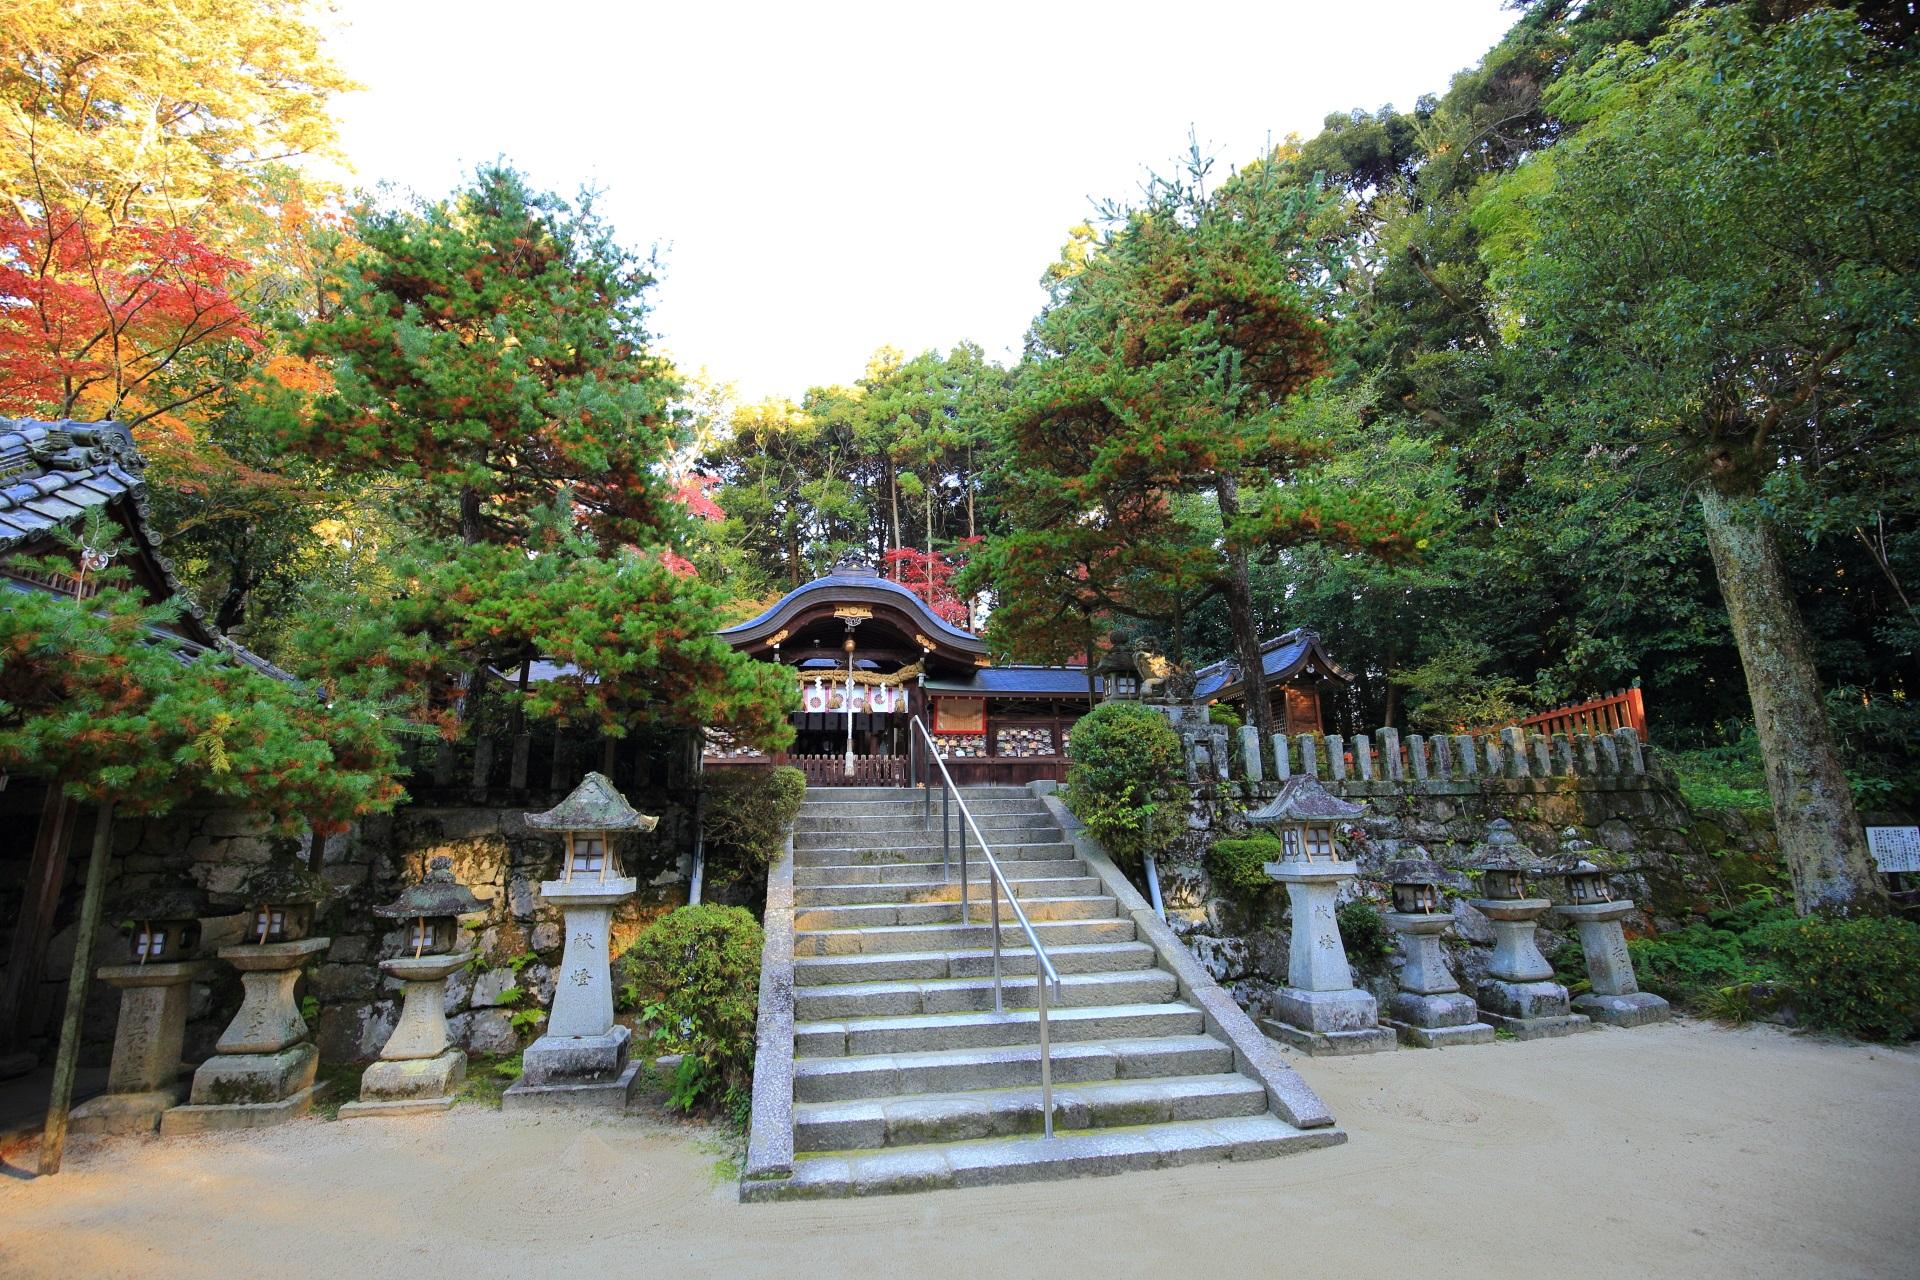 鷺森神社の少し高い位置にある本殿